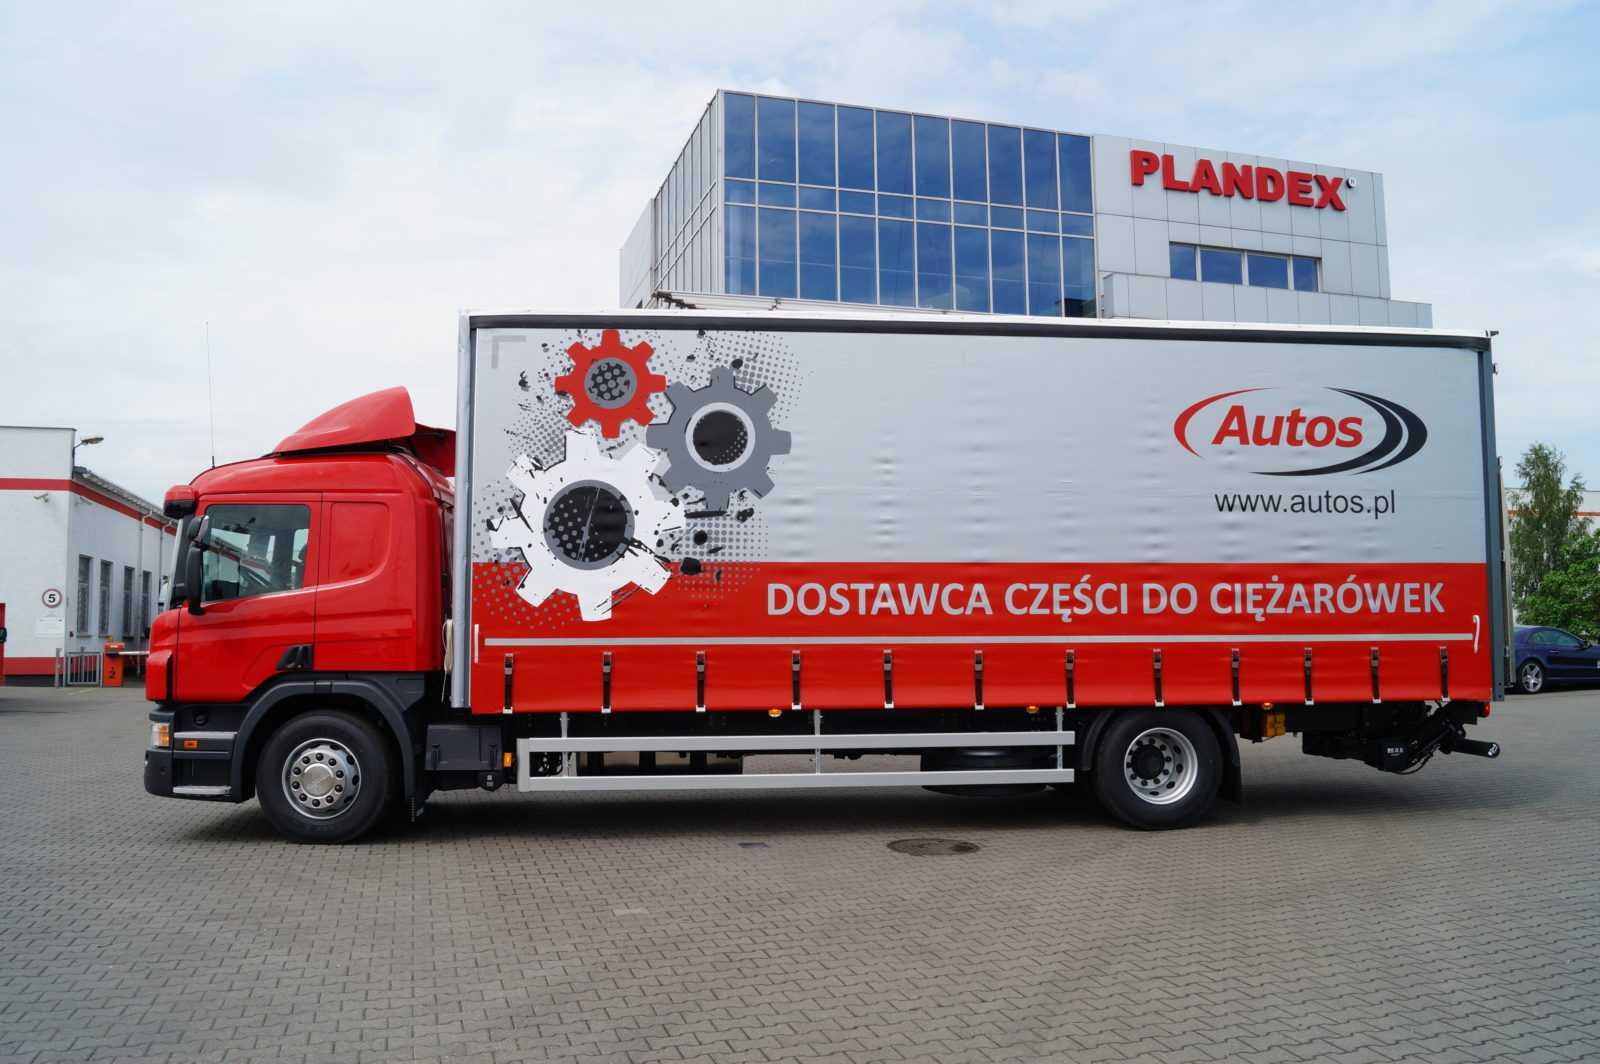 PLANDEX - zabudowy do samochodów ciężarowych (1)